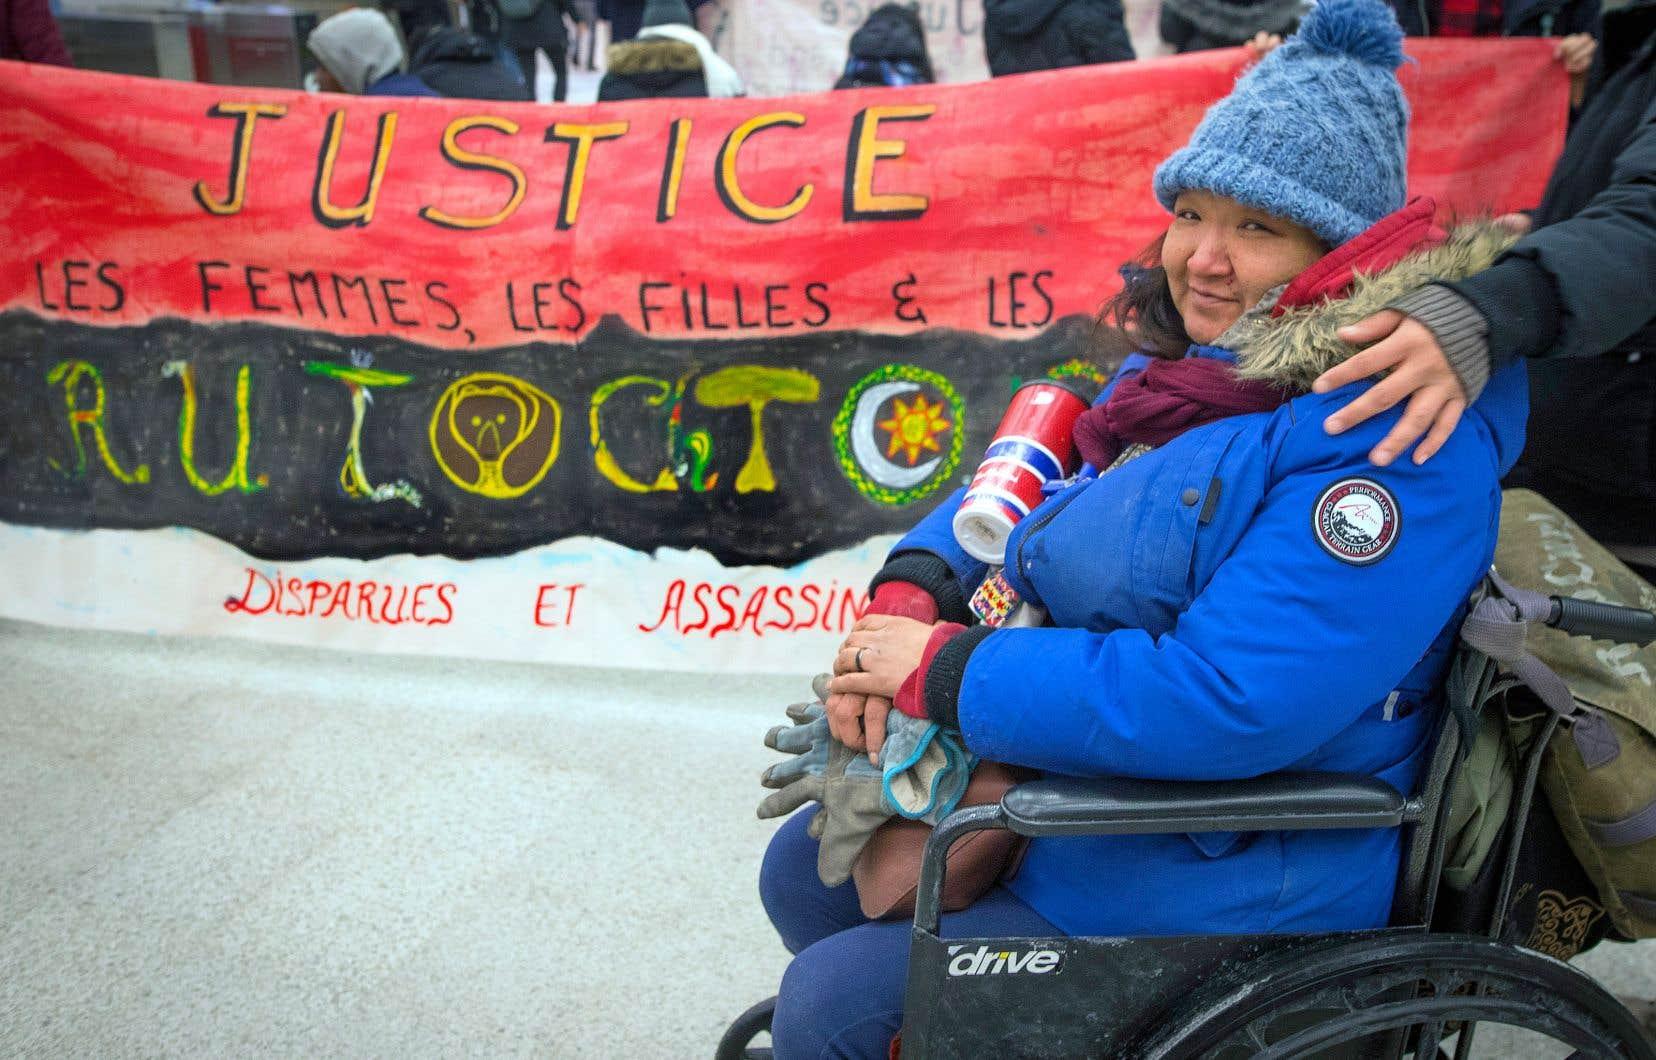 Sarah Jonas, une itinérante qui vit dans les rues de Montréal depuis 3 ans, était émue par cette action dans le métro Berri vendredi matin à la mémoire des femmes disparues et assassinées. «Ça fait mal, car certaines de ces personnes étaient mes amis. Moi, je fais mon possible pour survivre…»